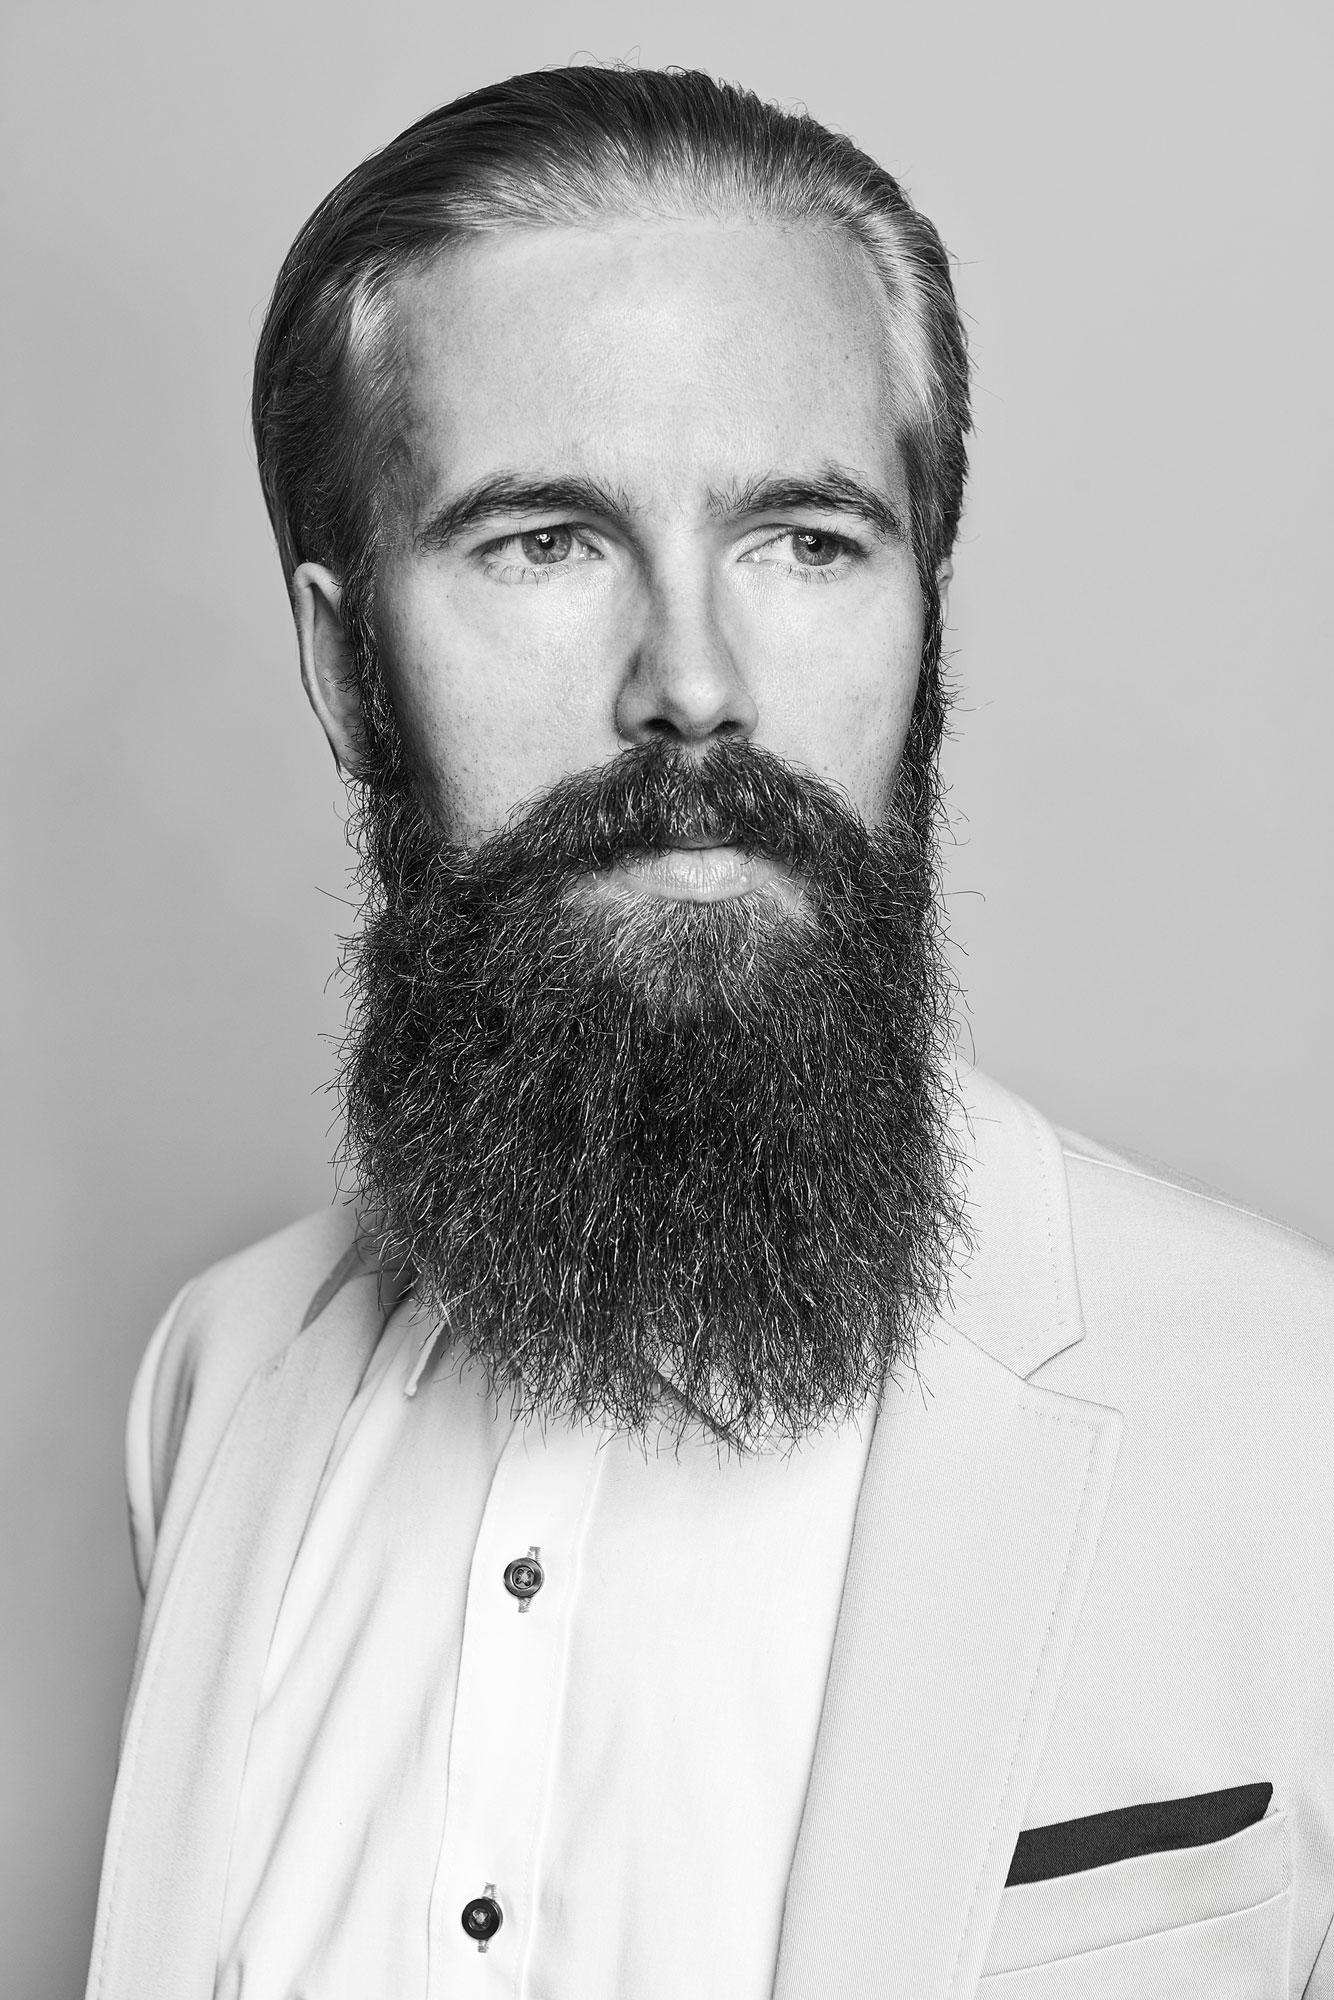 Markus Eugen Bader